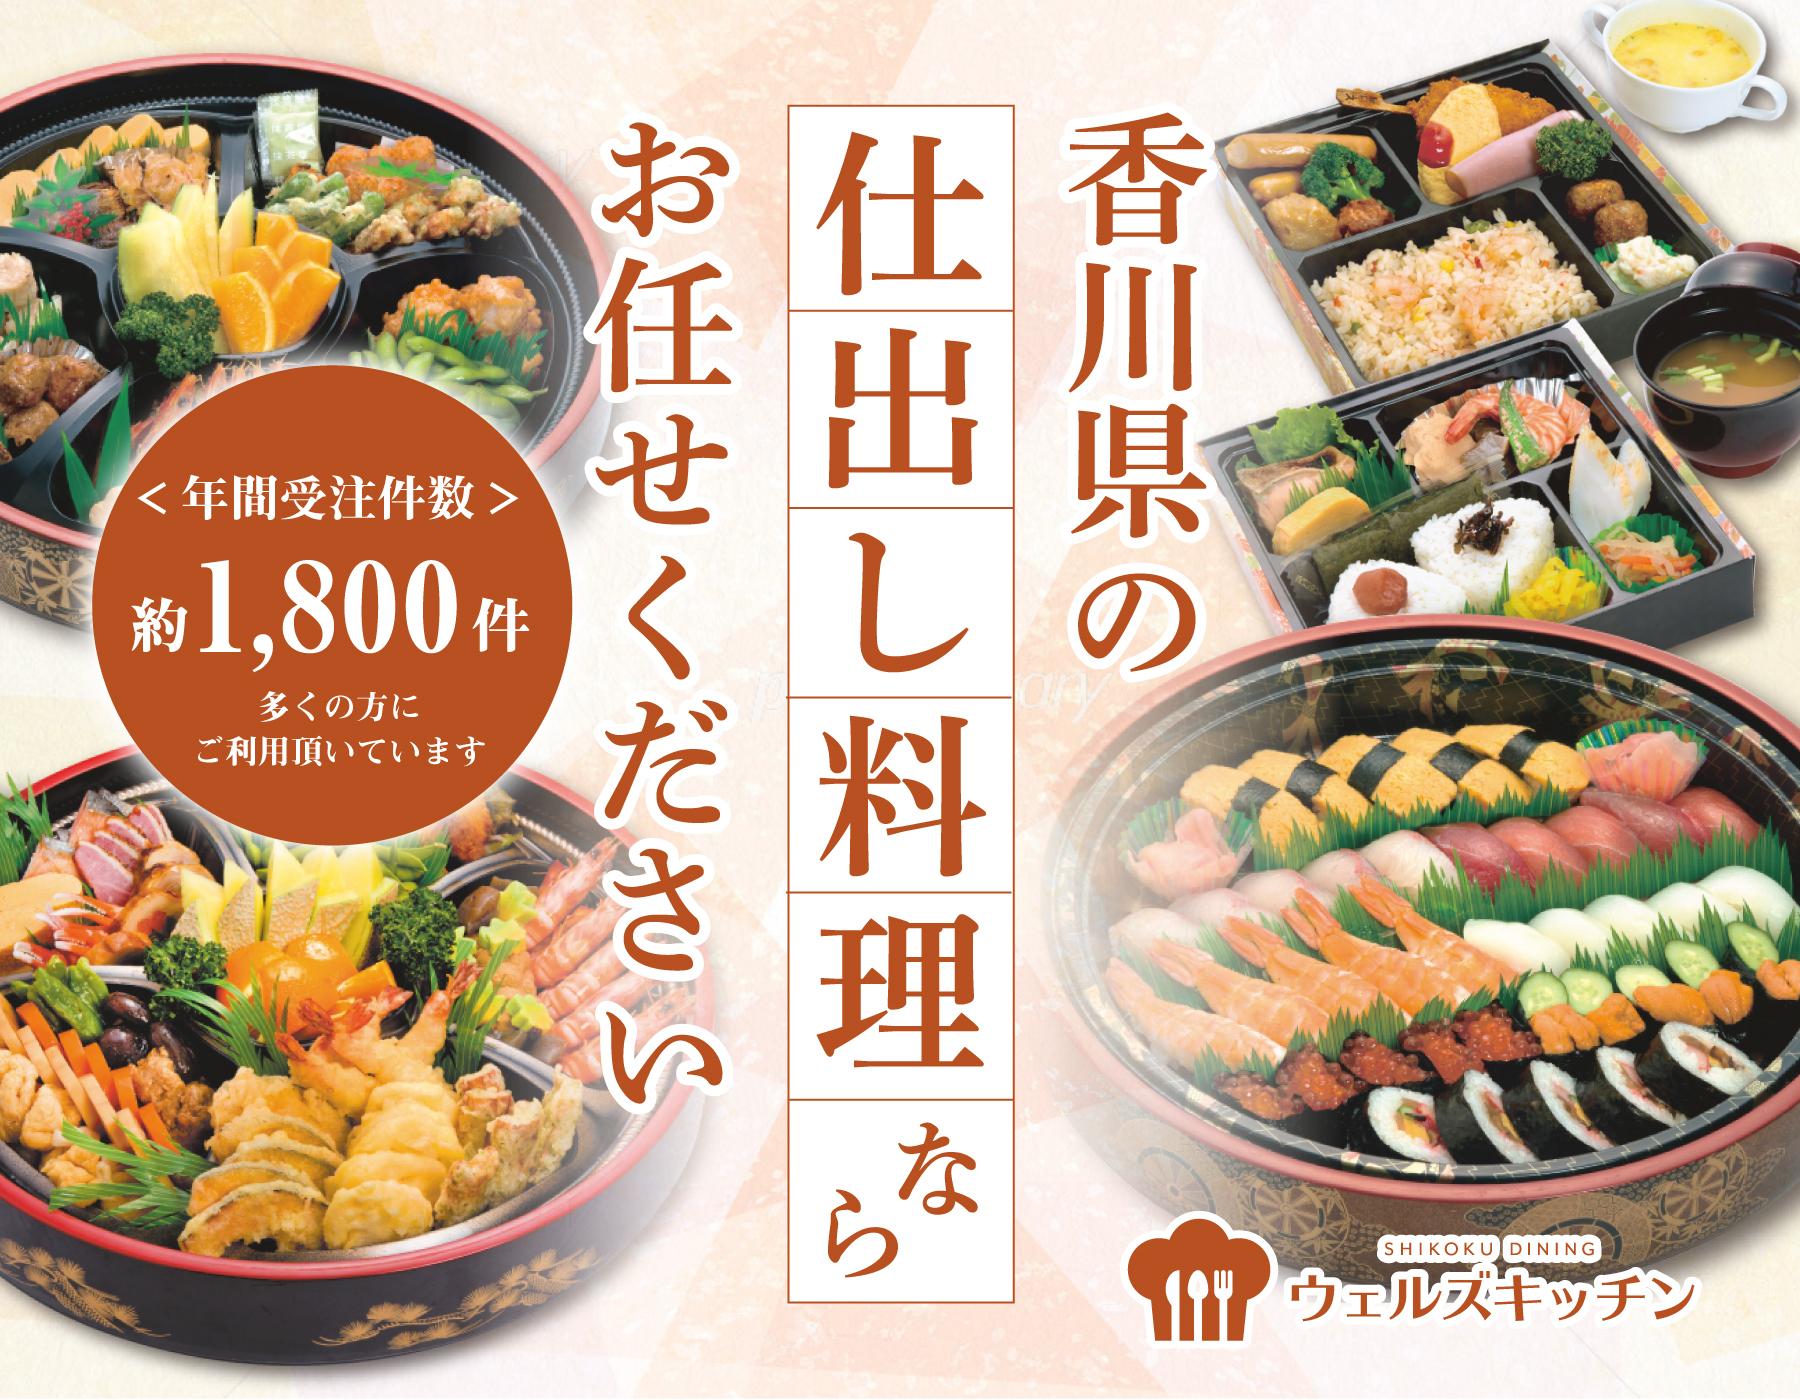 香川県の仕出し料理ならお任せください